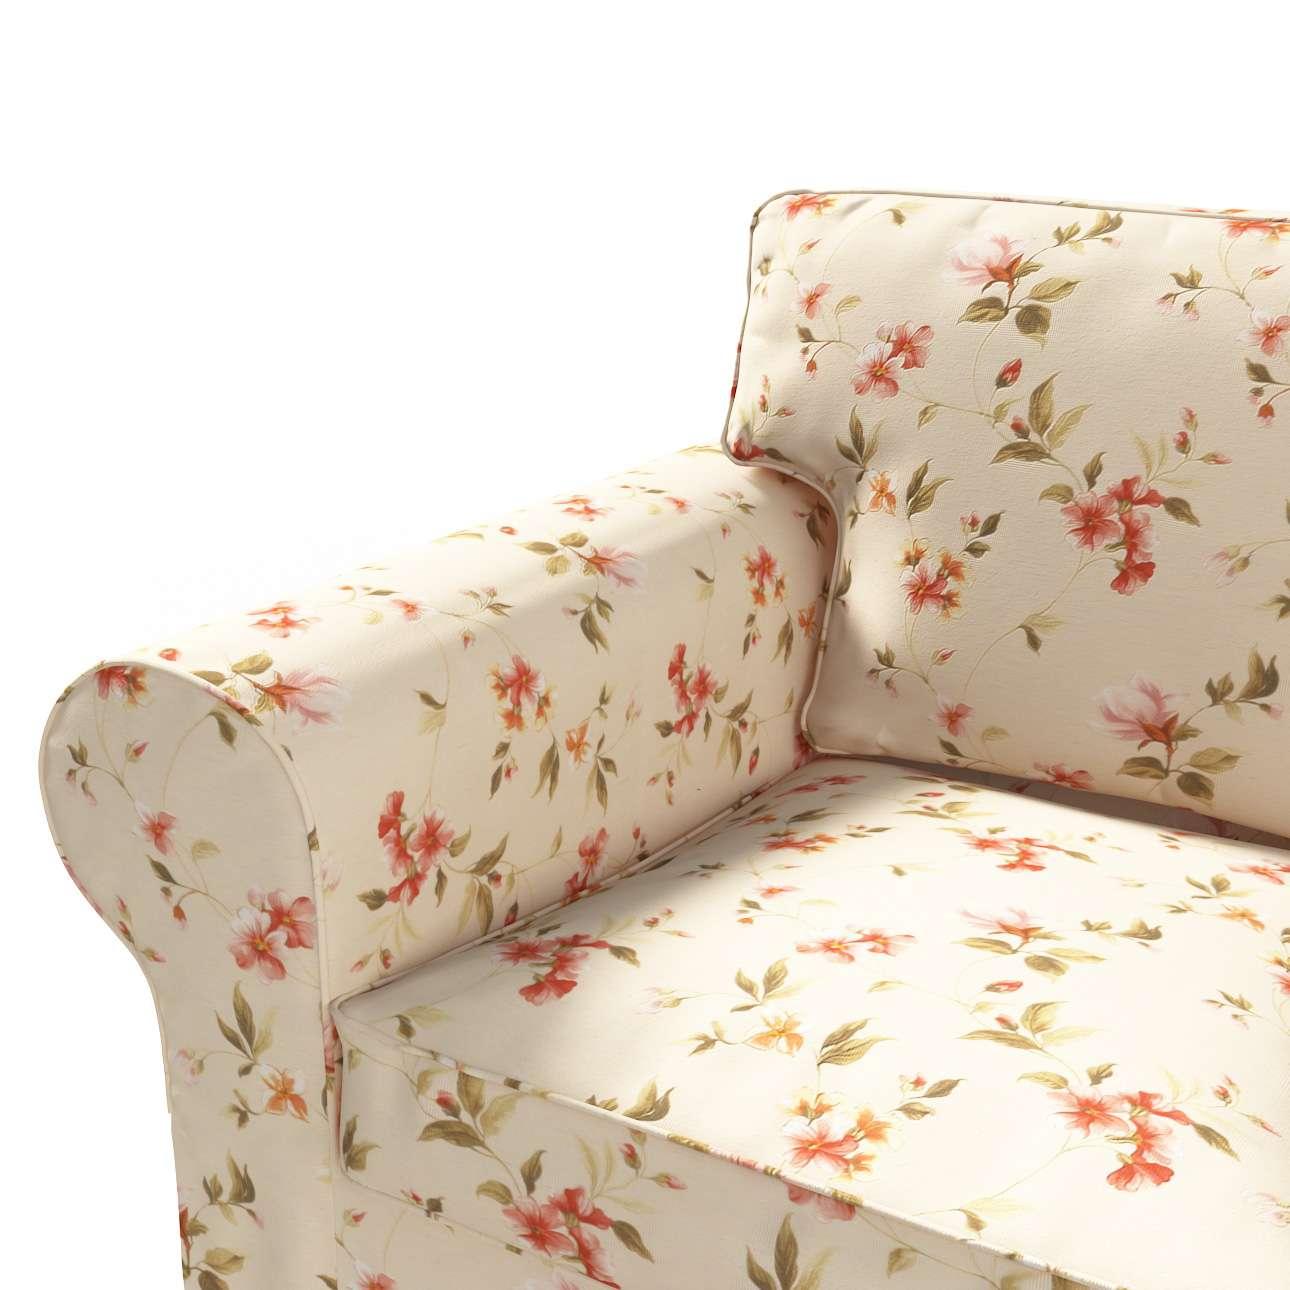 Ektorp 2-Sitzer Sofabezug nicht ausklappbar Sofabezug für  Ektorp 2-Sitzer nicht ausklappbar von der Kollektion Londres, Stoff: 124-05